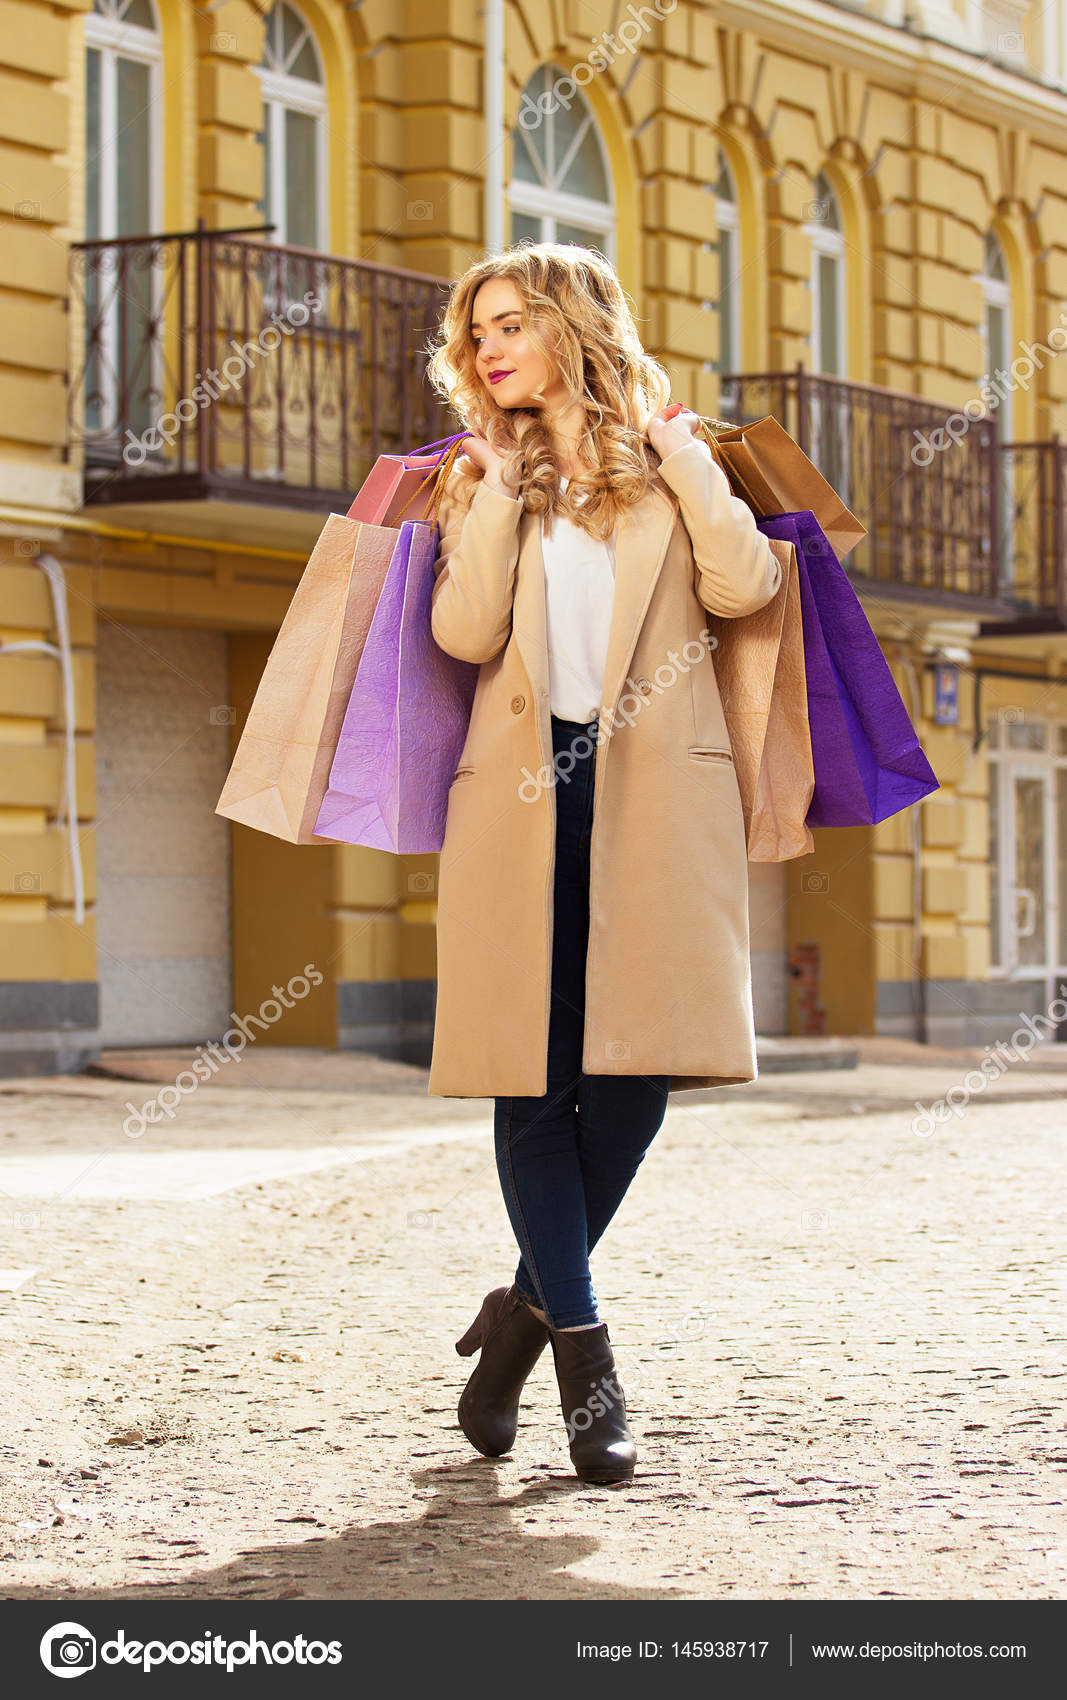 1f62ac9e79 Přejeme vám příjemné nakupování — Stock · Krásná dívka procházky městem s  nákupy. Černý pátek nakupování — Fotografie od ...